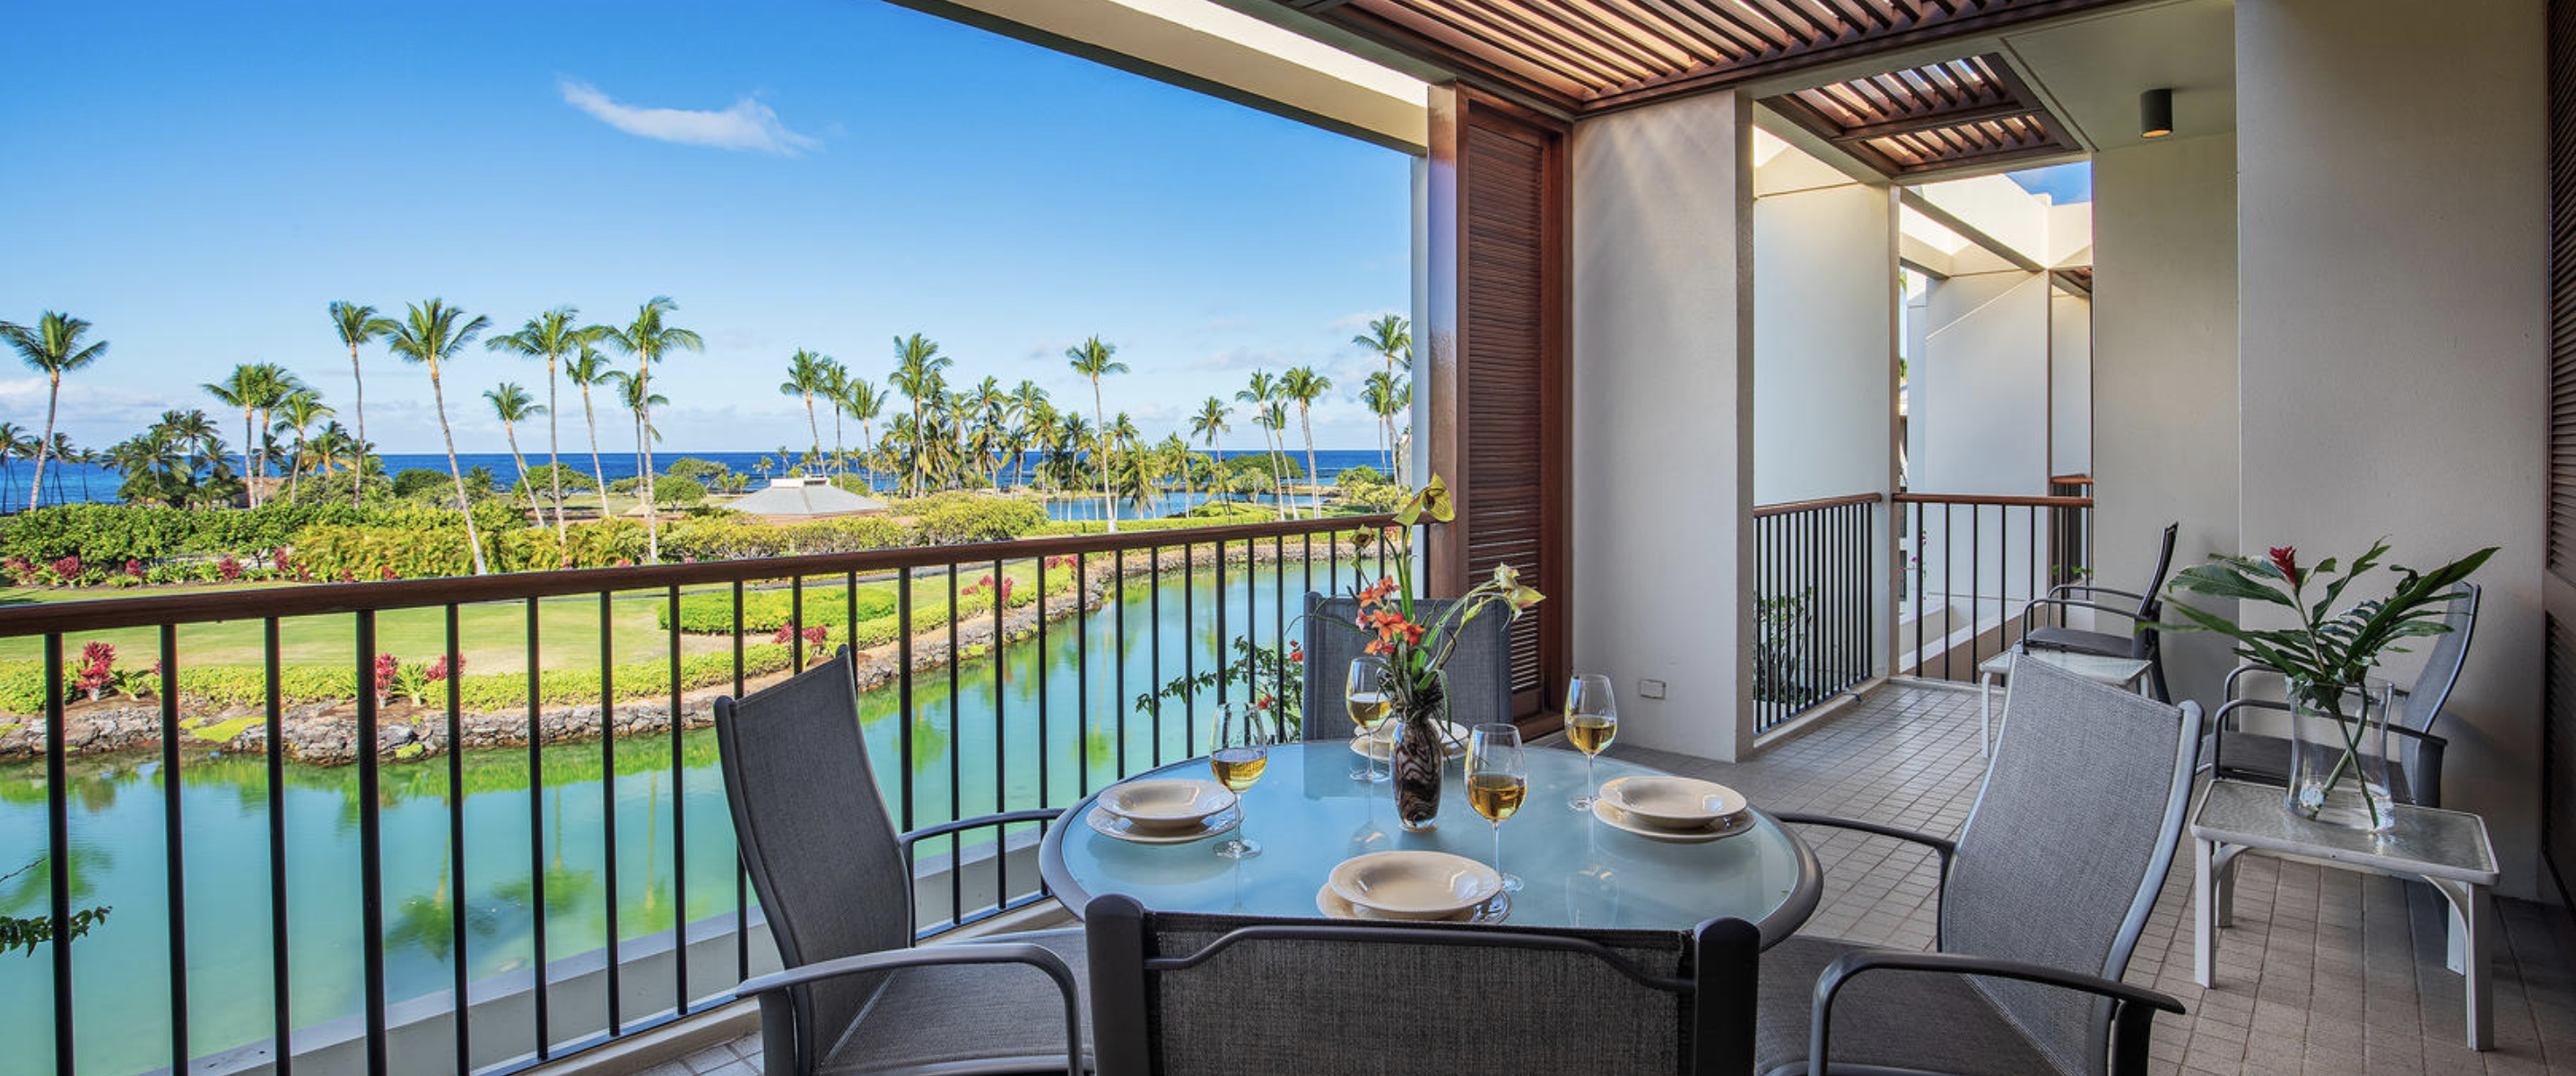 Mauna Lani terrace at the Mauna Lani resort